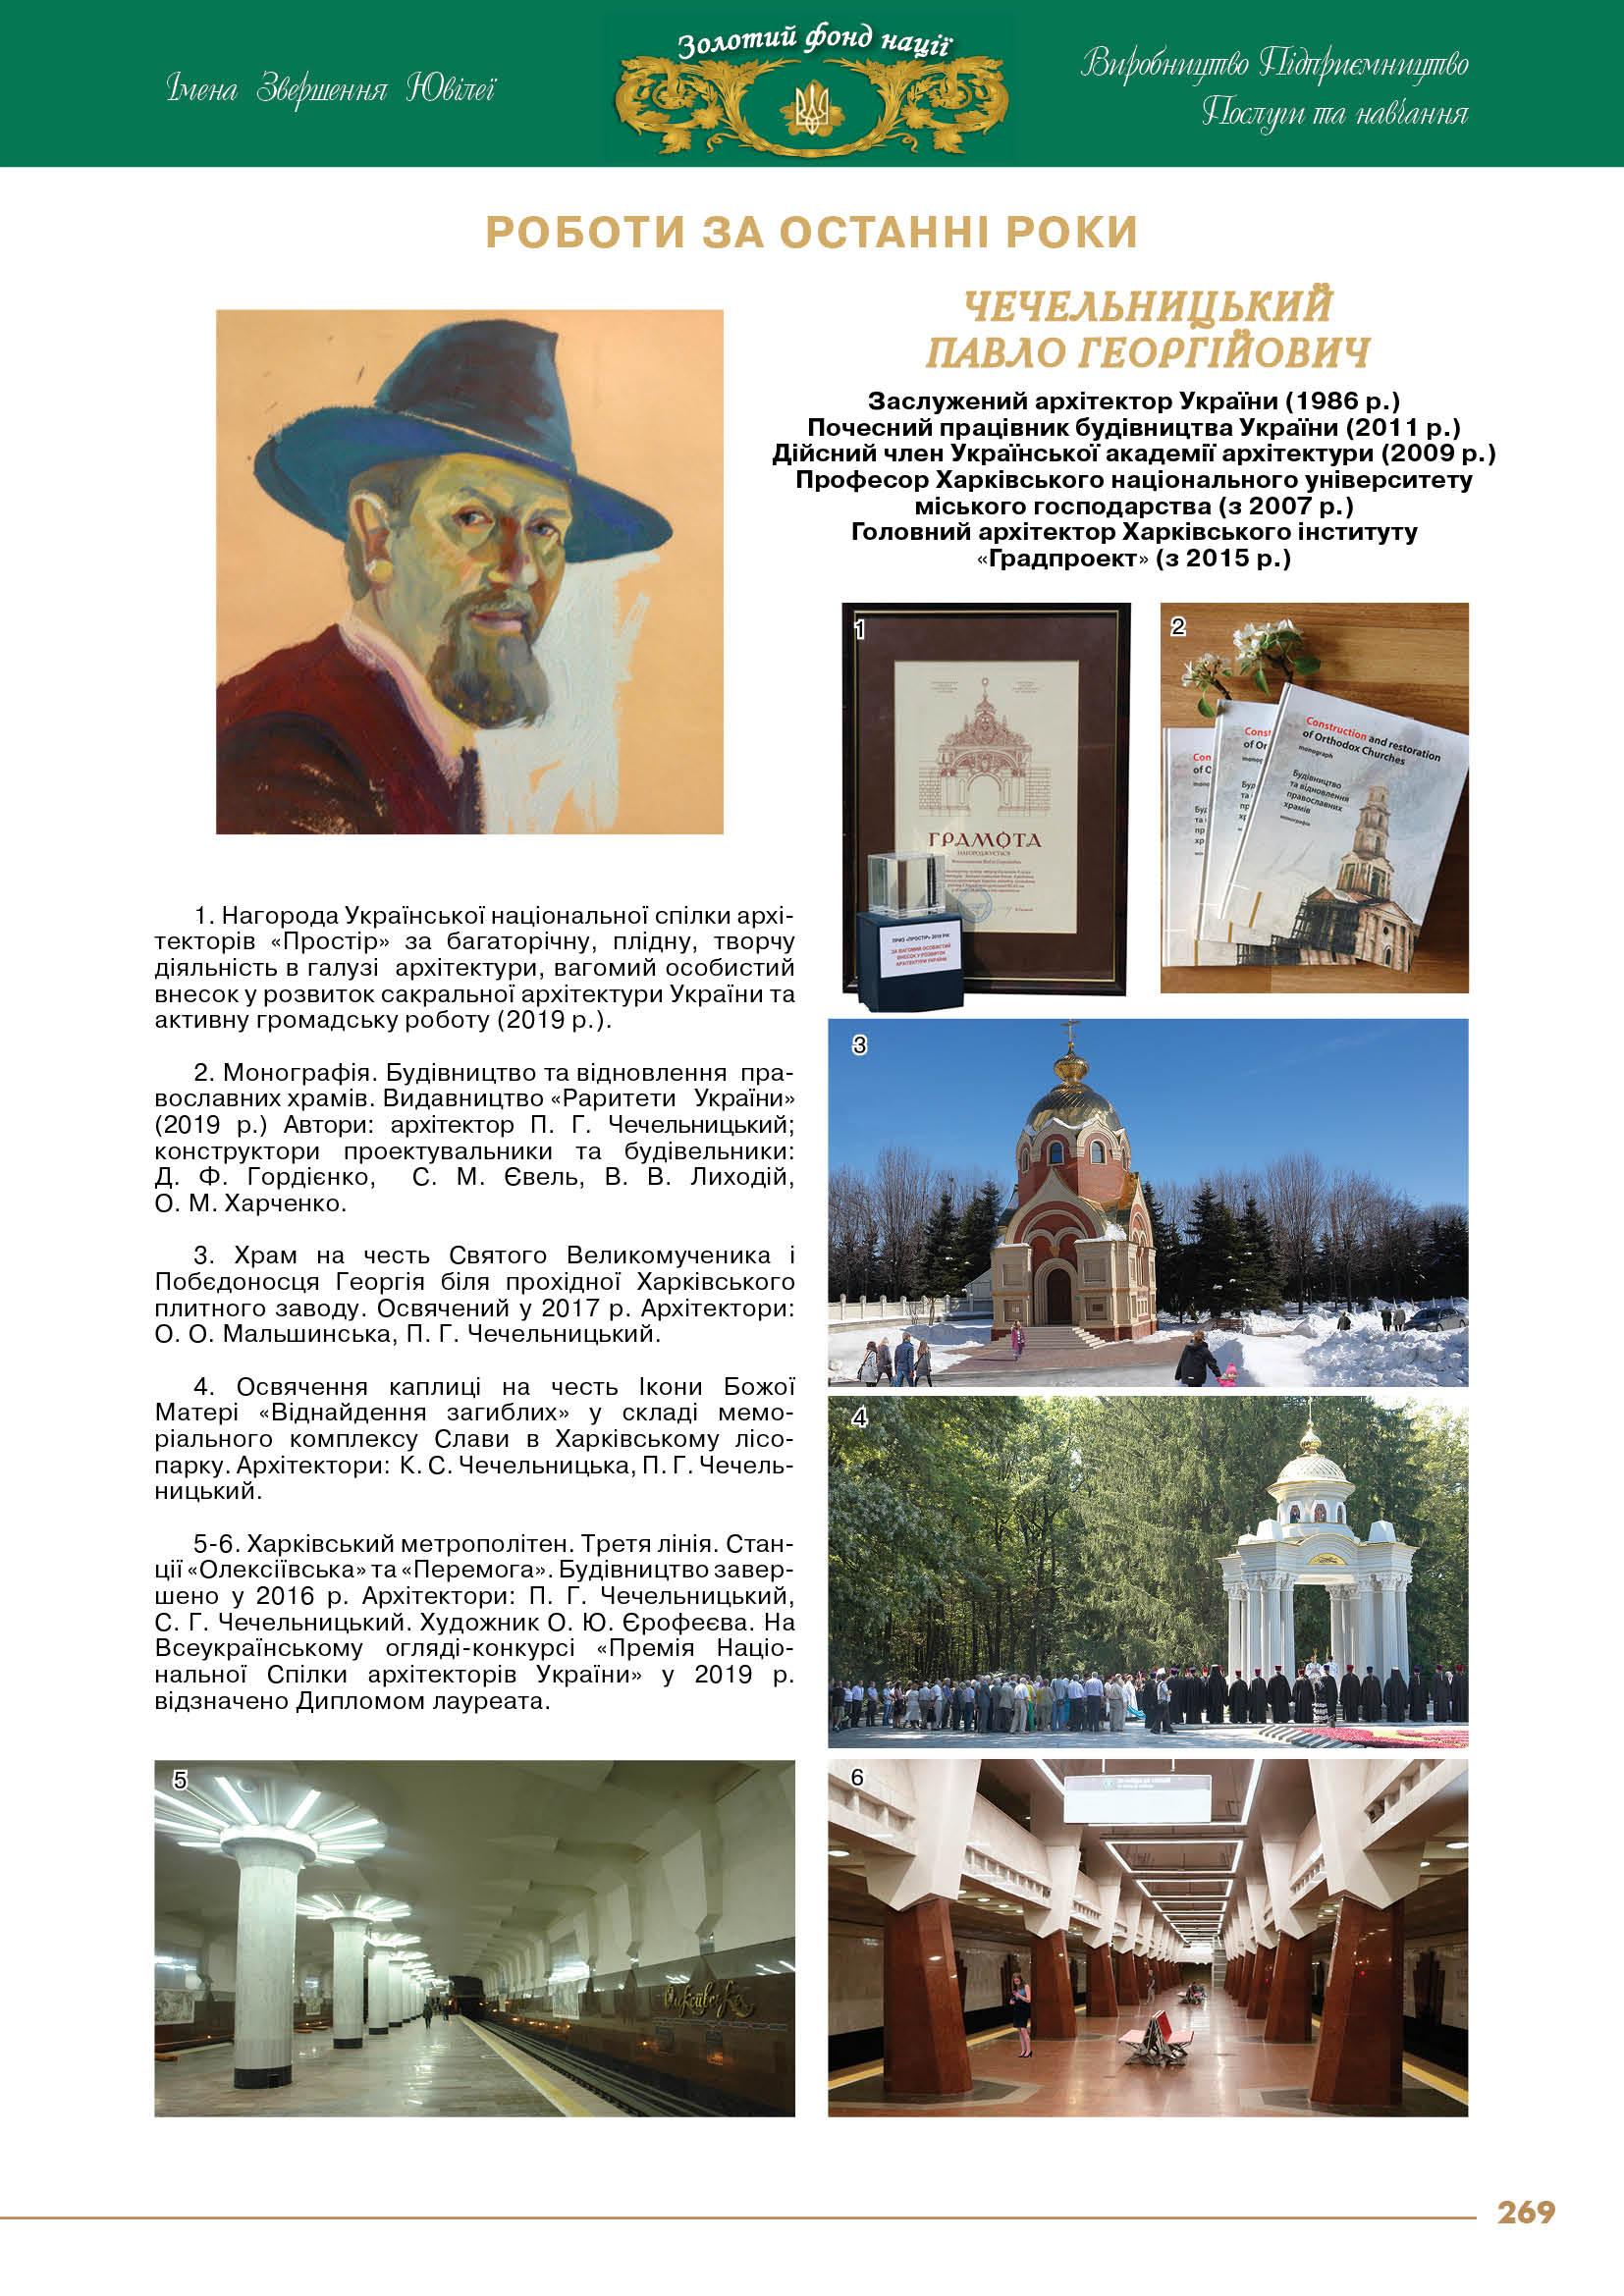 Чечельницький Павло Георгійович